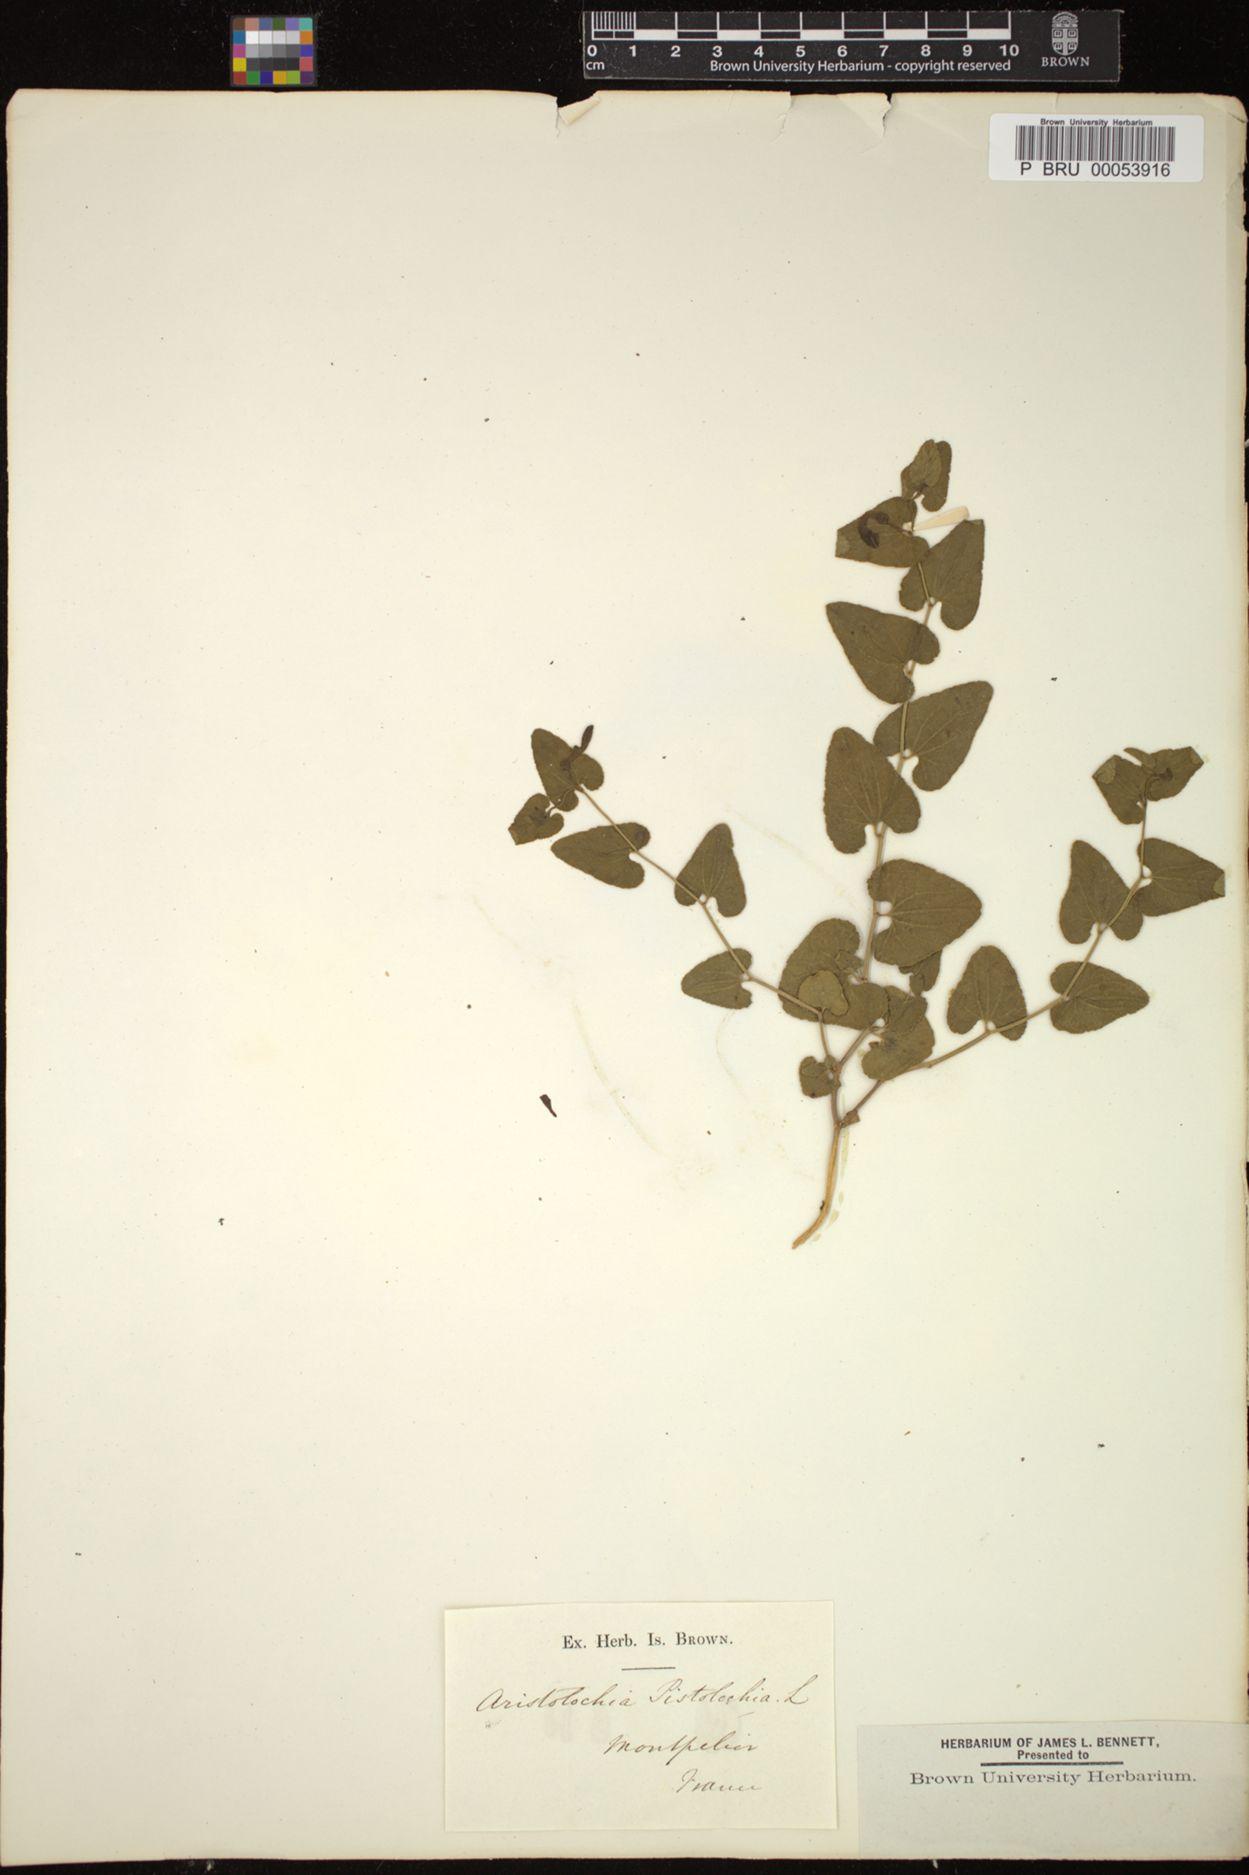 Aristolochia pistolochia image